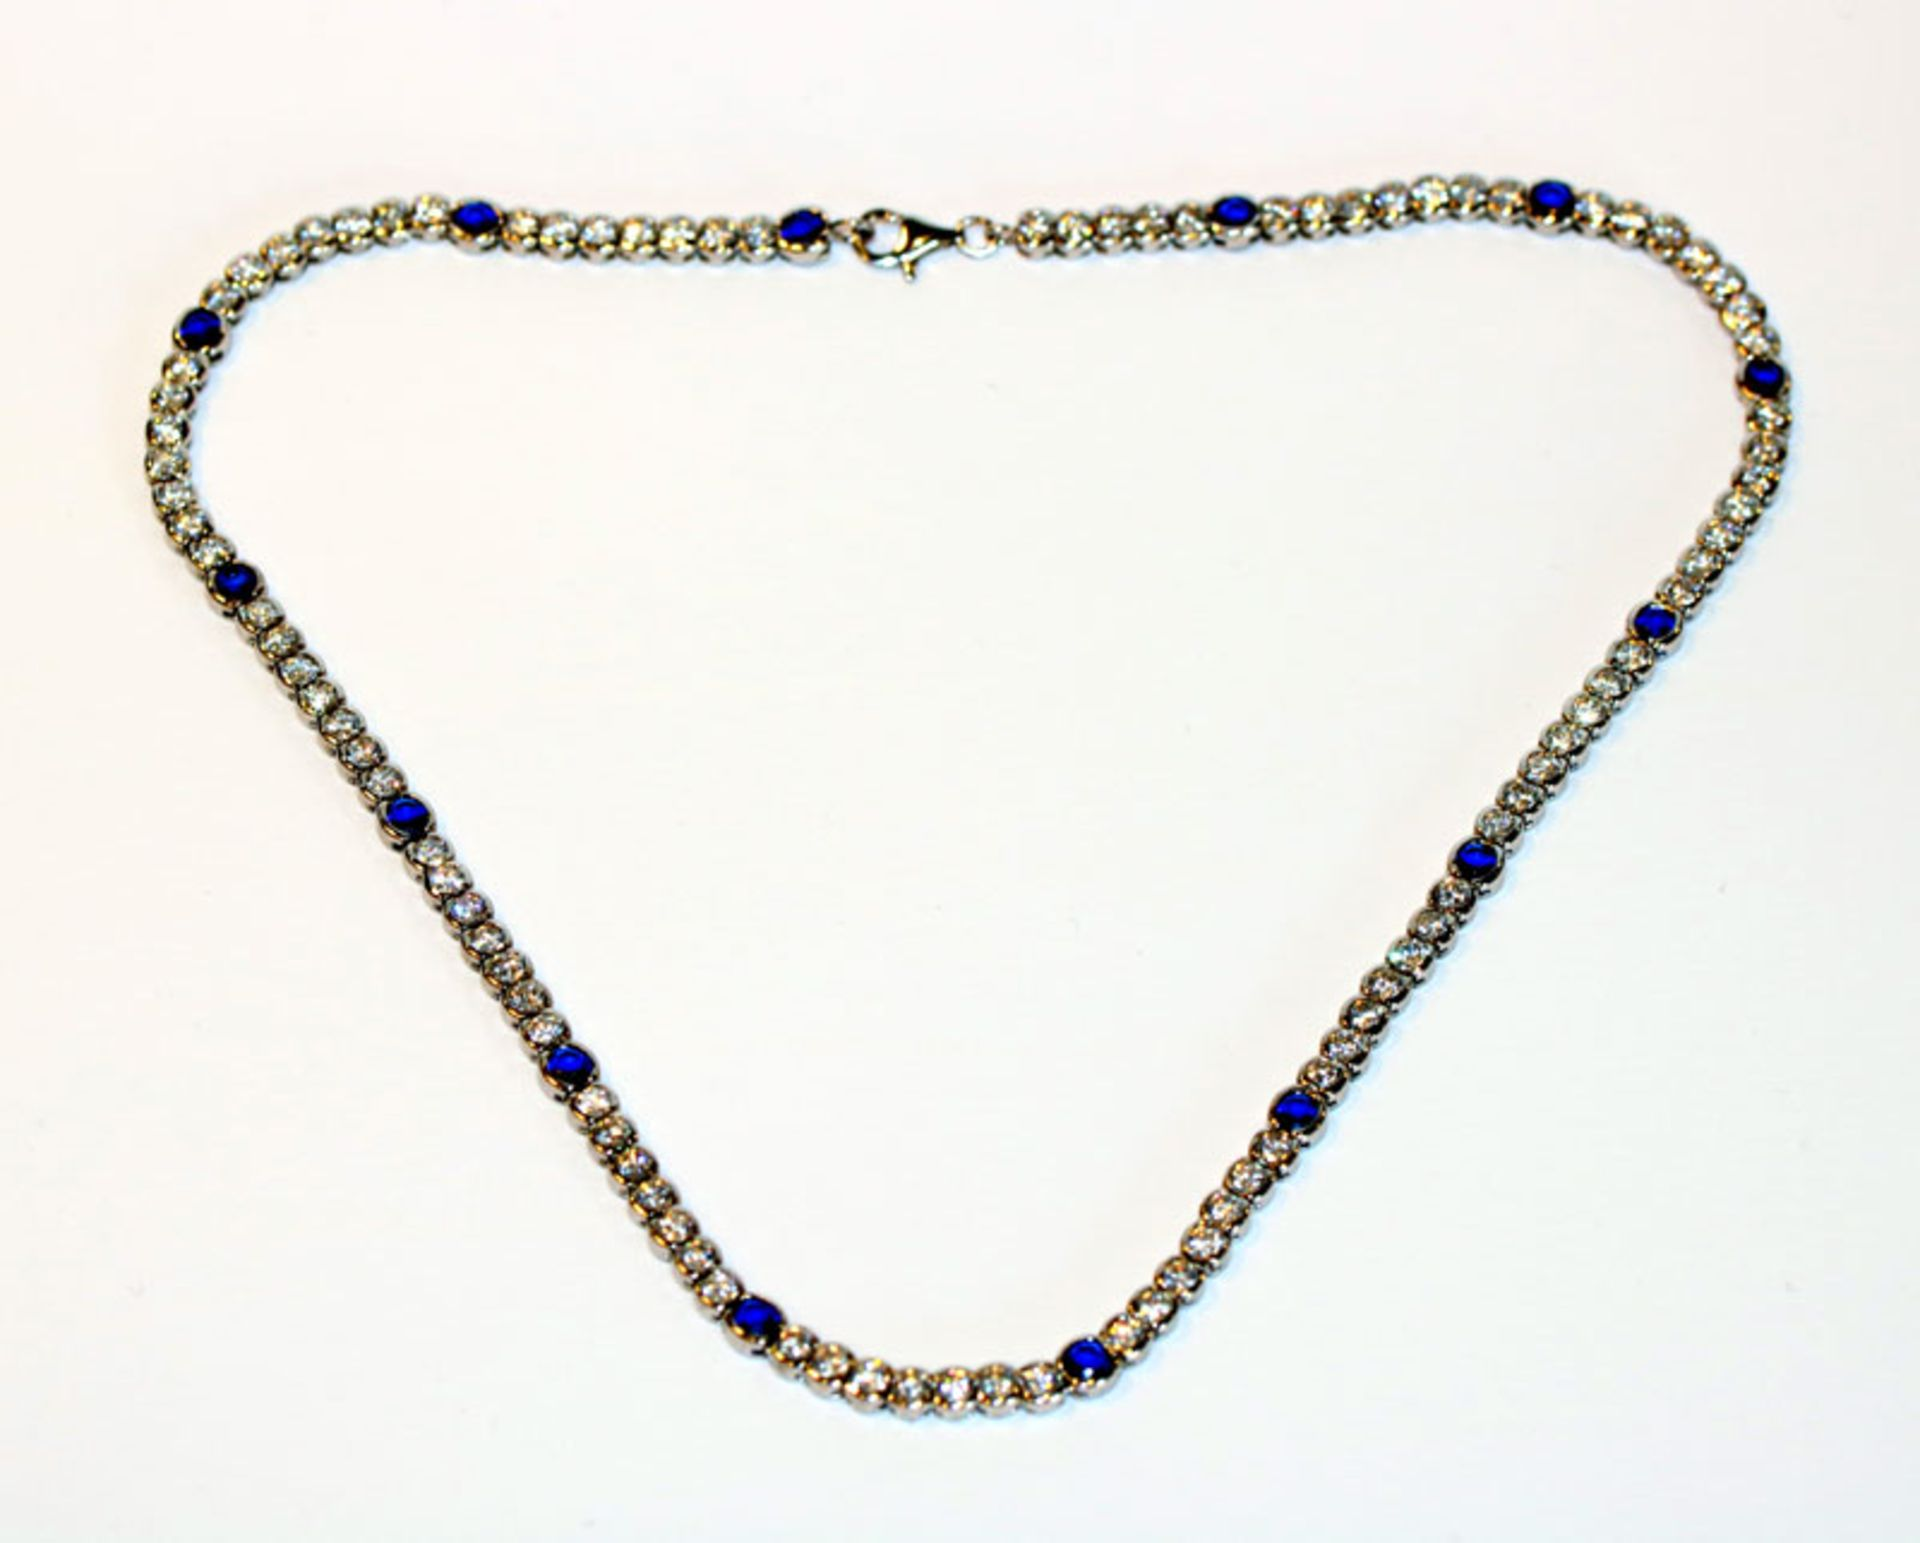 Sterlingsilber Collierkette mit Glassteinen, L 42 cm